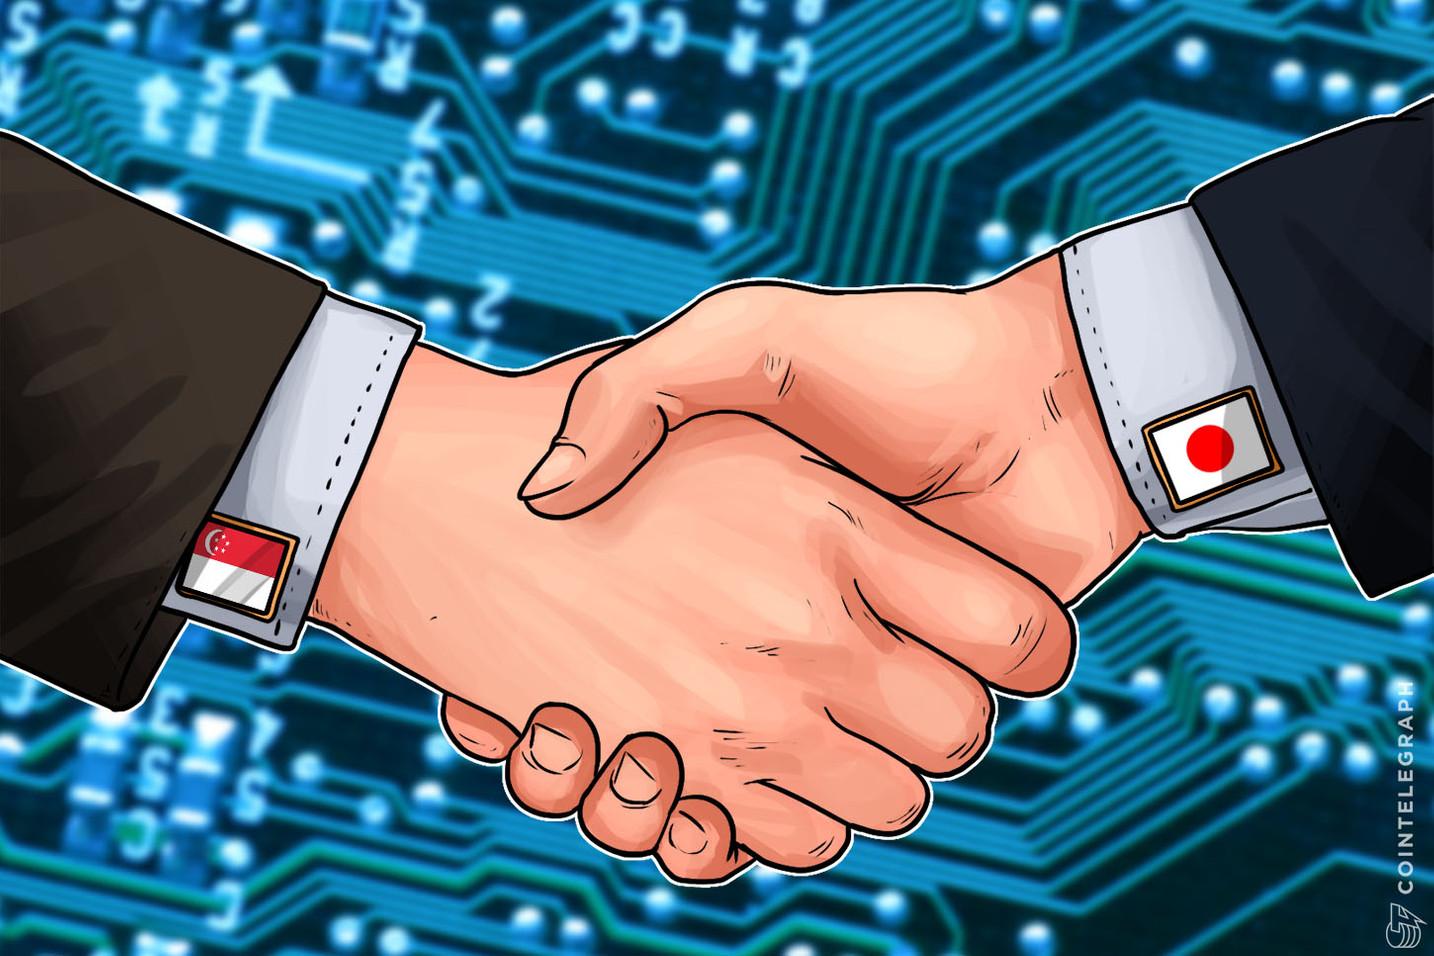 Singapore, Japan Associations Sign Agreement For Joint Fintech Development